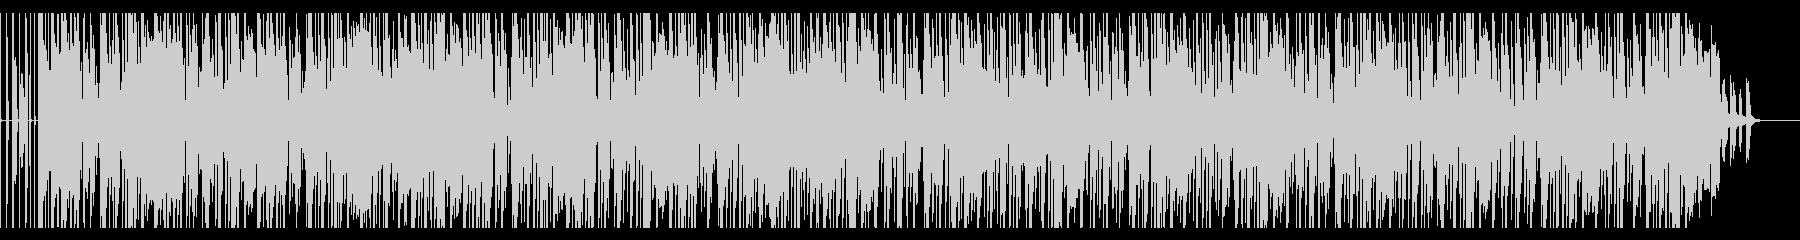 【短いVer5】70年代ファンクロック風の未再生の波形